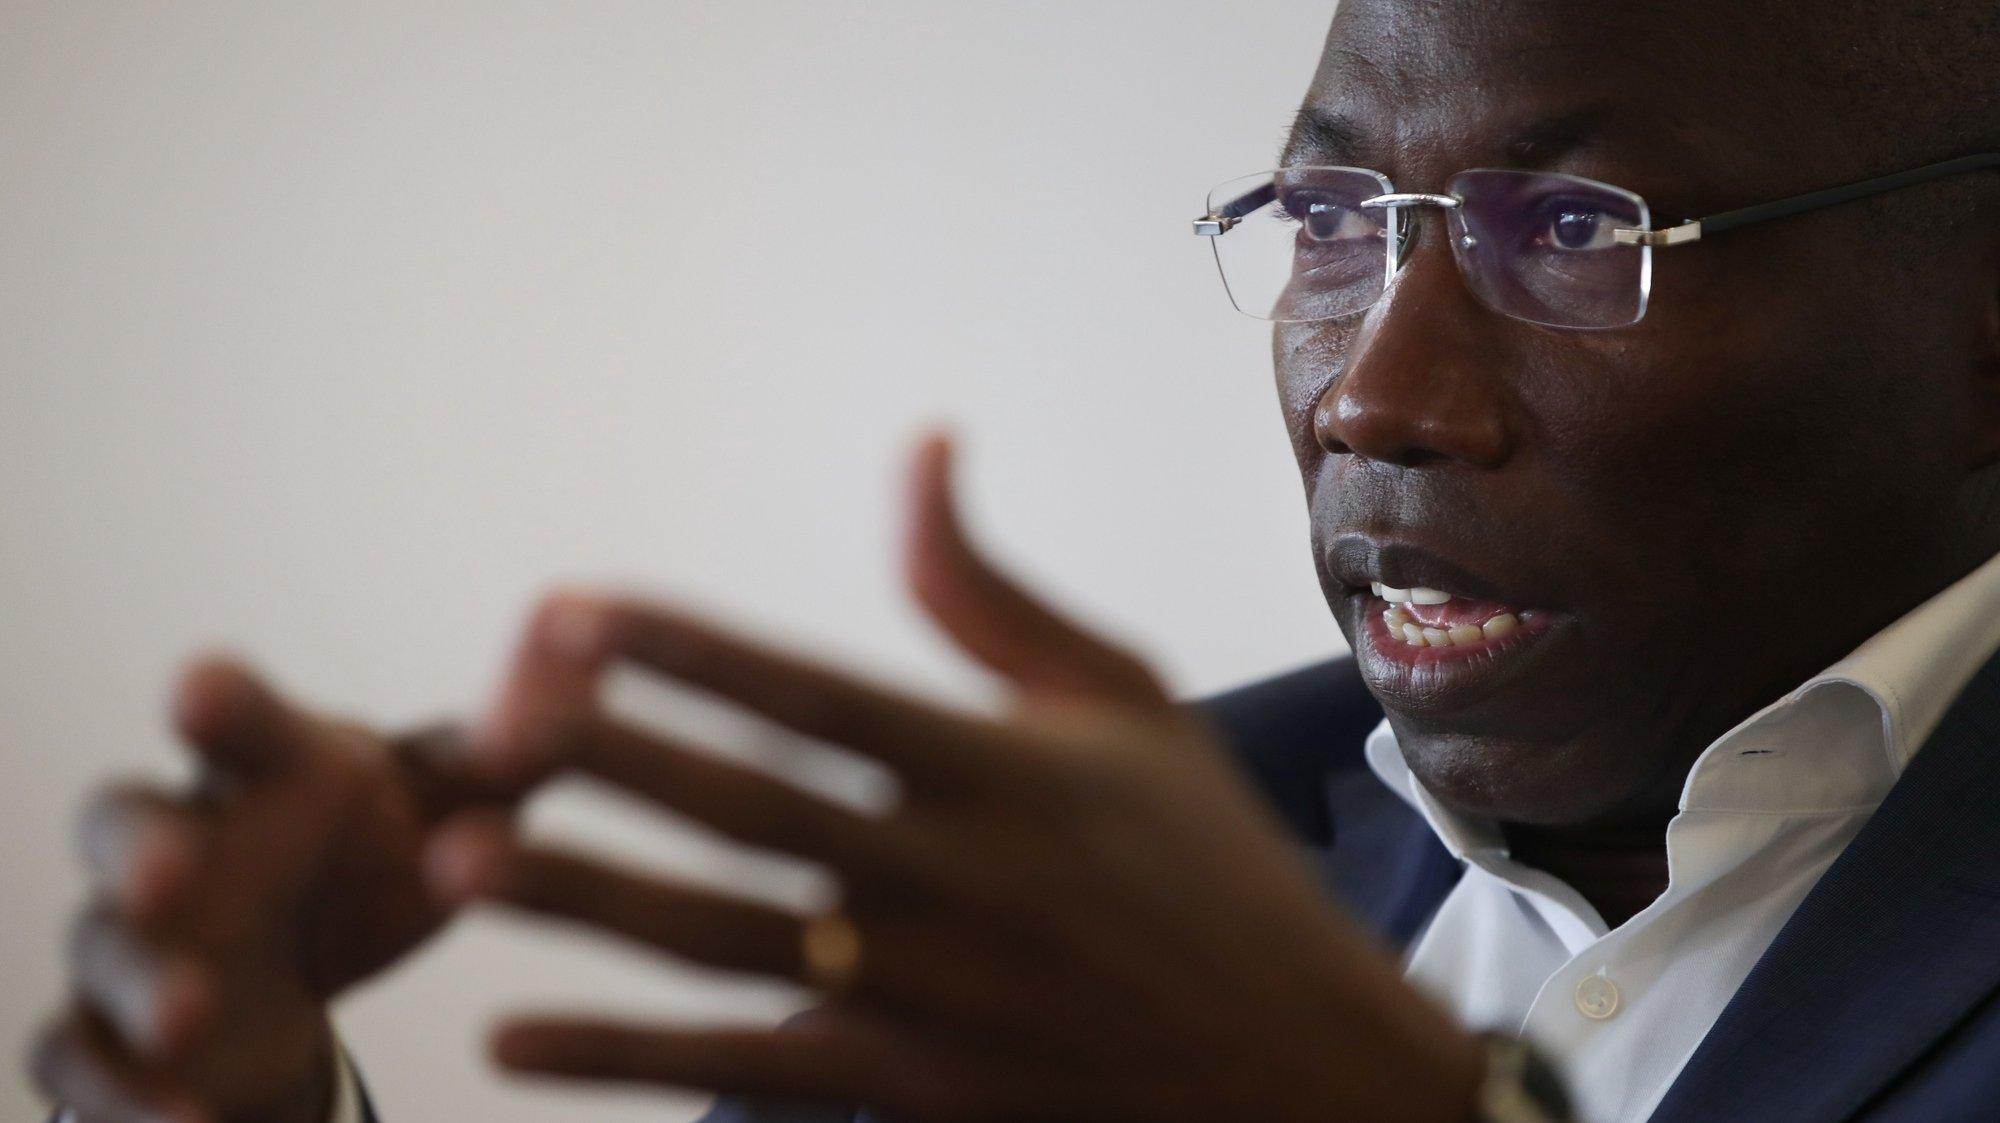 O presidente do Partido Africano da Independência da Guiné e Cabo Verde (PAIGC), Domingos Simões Pereira, durante uma entrevista à Lusa, em Lisboa, 3 de julho de 2020. (ACOMPANHA TEXTO DO DIA 5 DE JULHO) MÁRIO CRUZ/LUSA